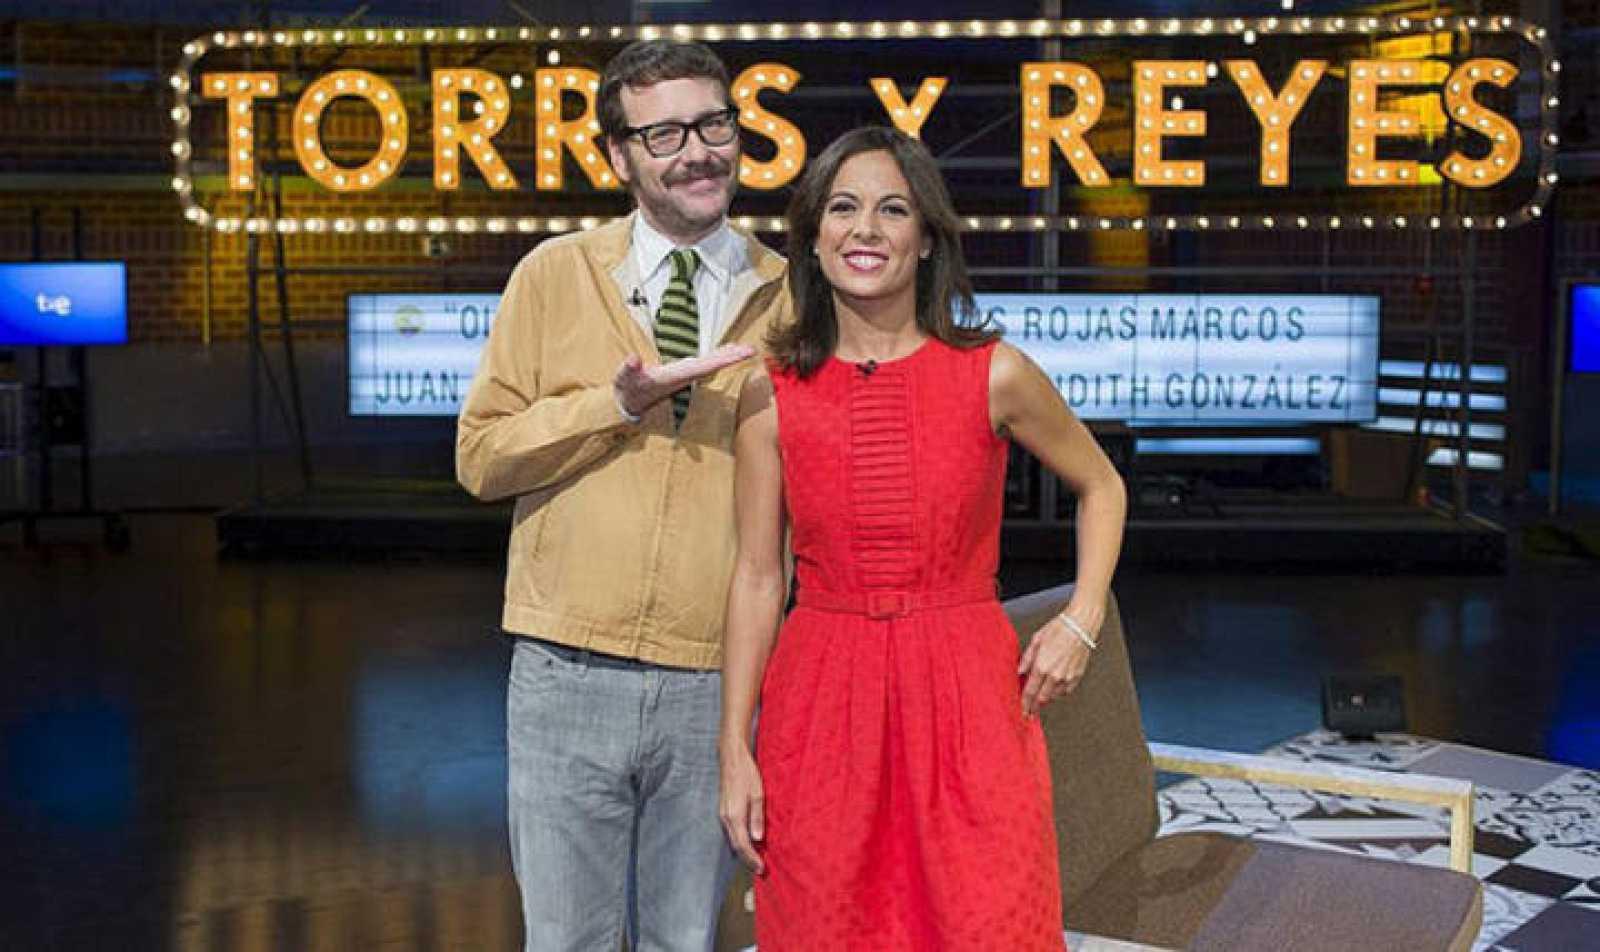 Joaquín Reyes y Mara Torres, presentadores de 'Torres y Reyes' estarán en interQué 2013.